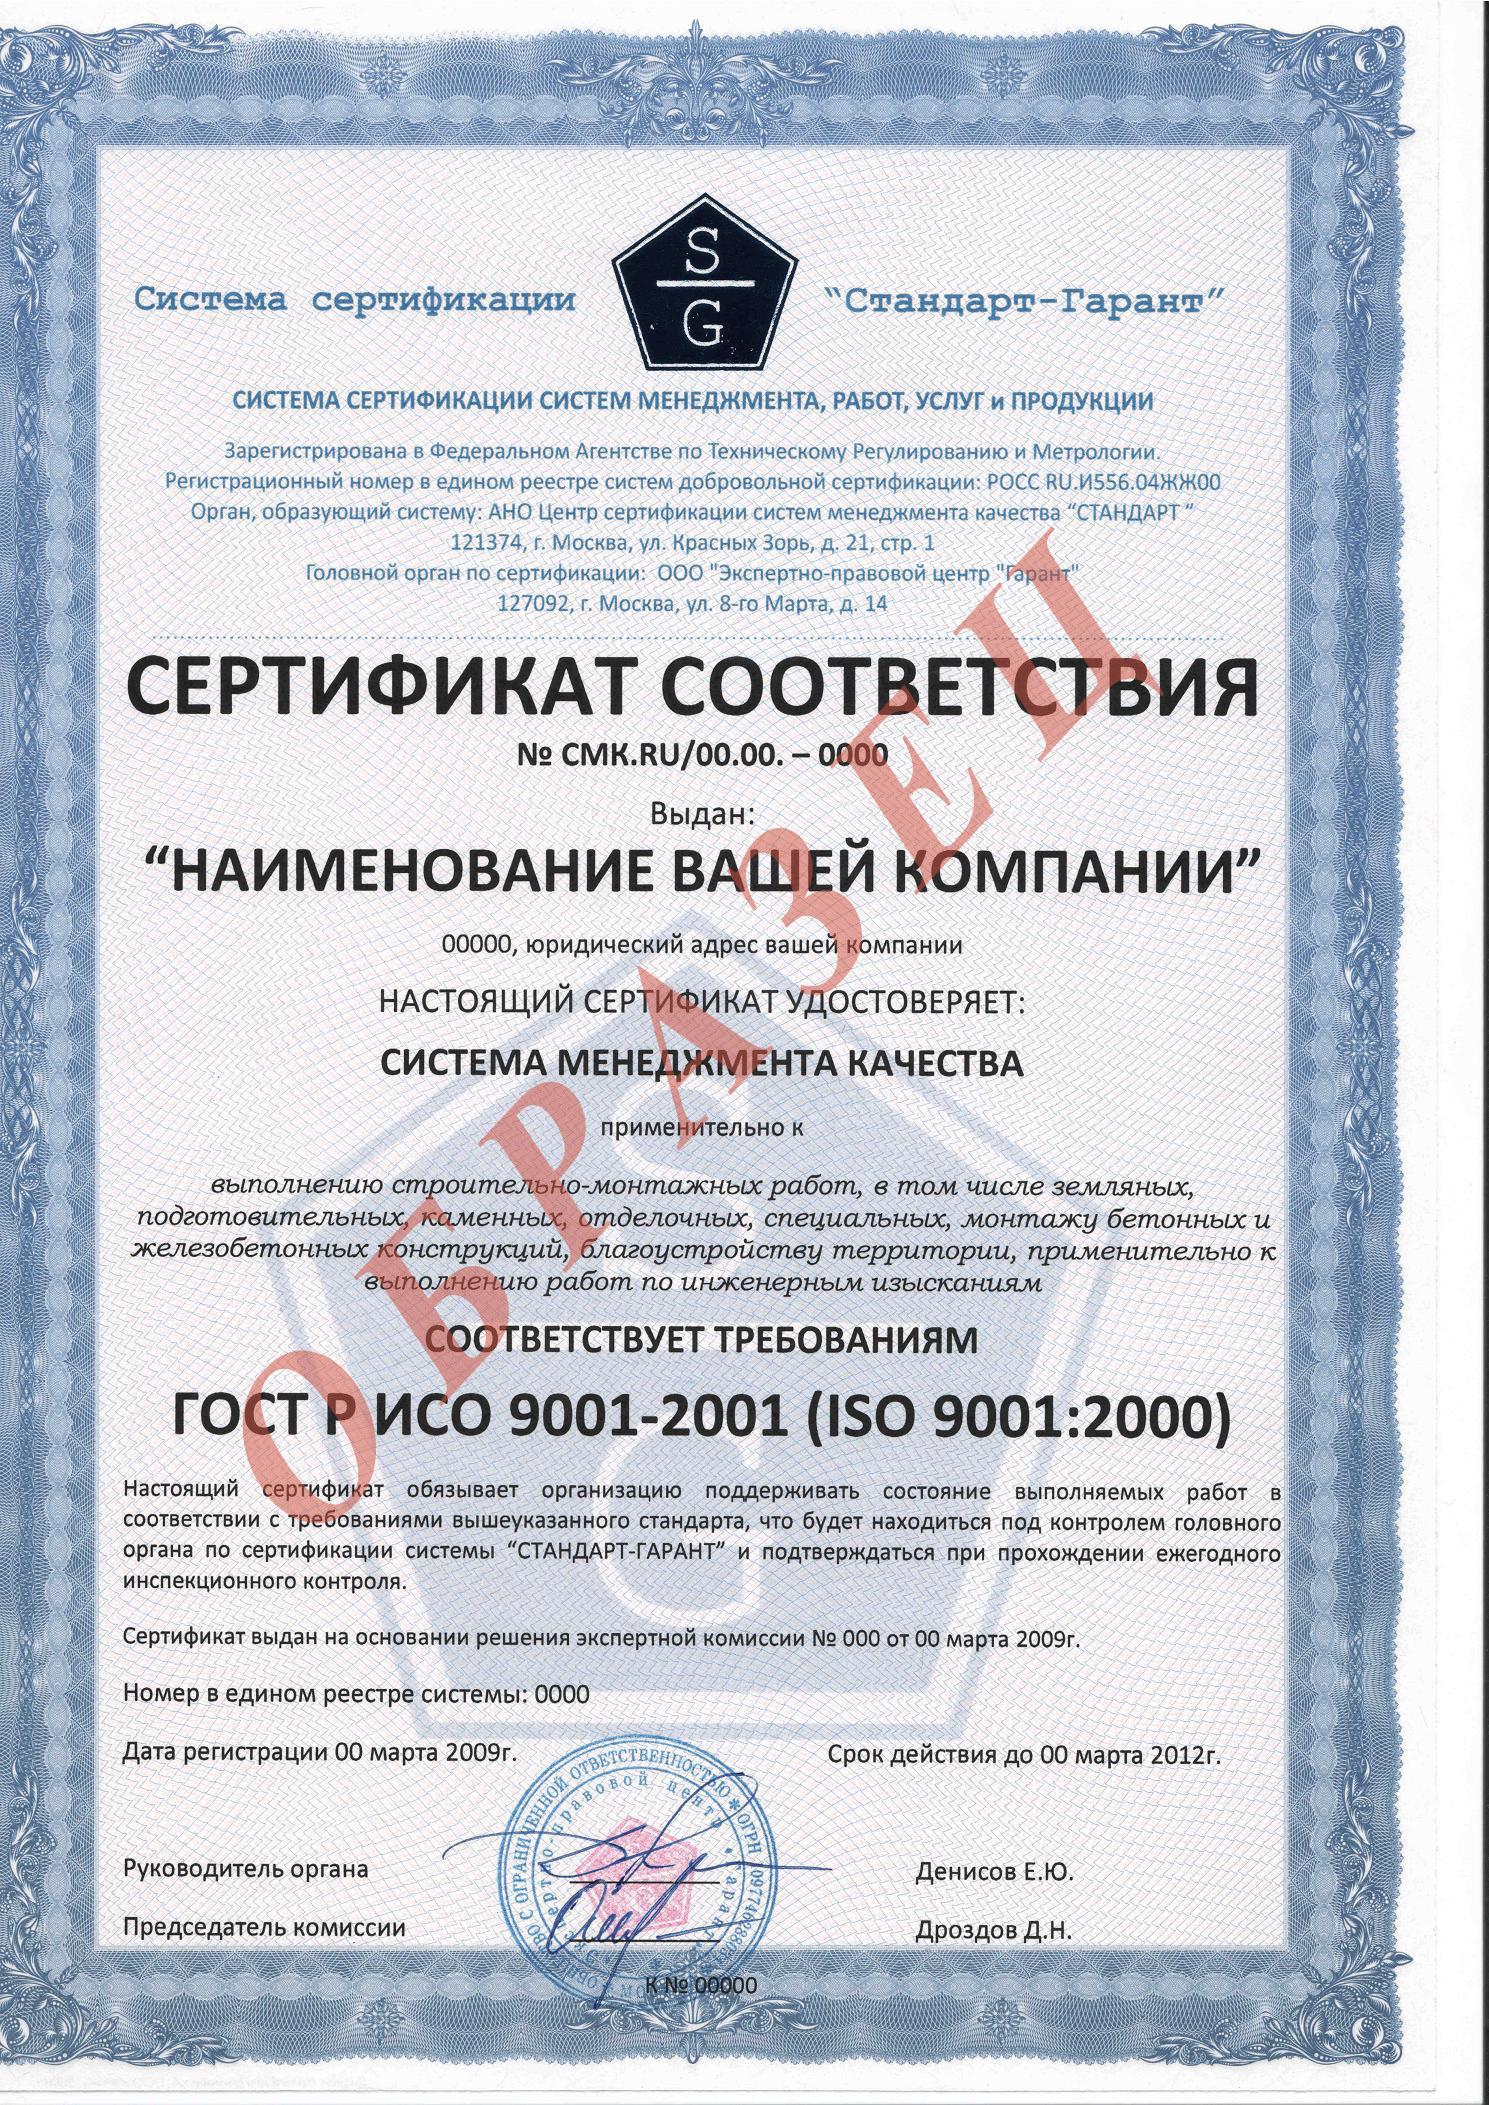 Получение сертификата iso-2000 получение карантинного сертификата документы